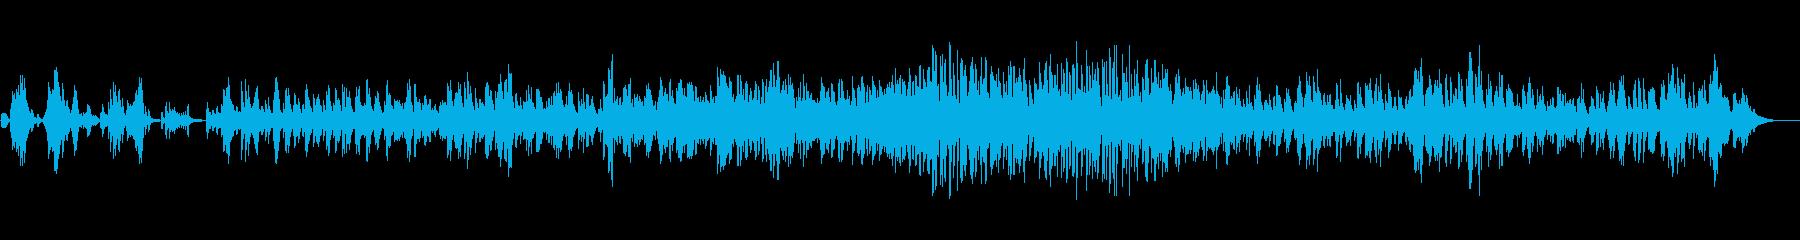 [秋] ロンリー・オータム(ジャズ風)の再生済みの波形